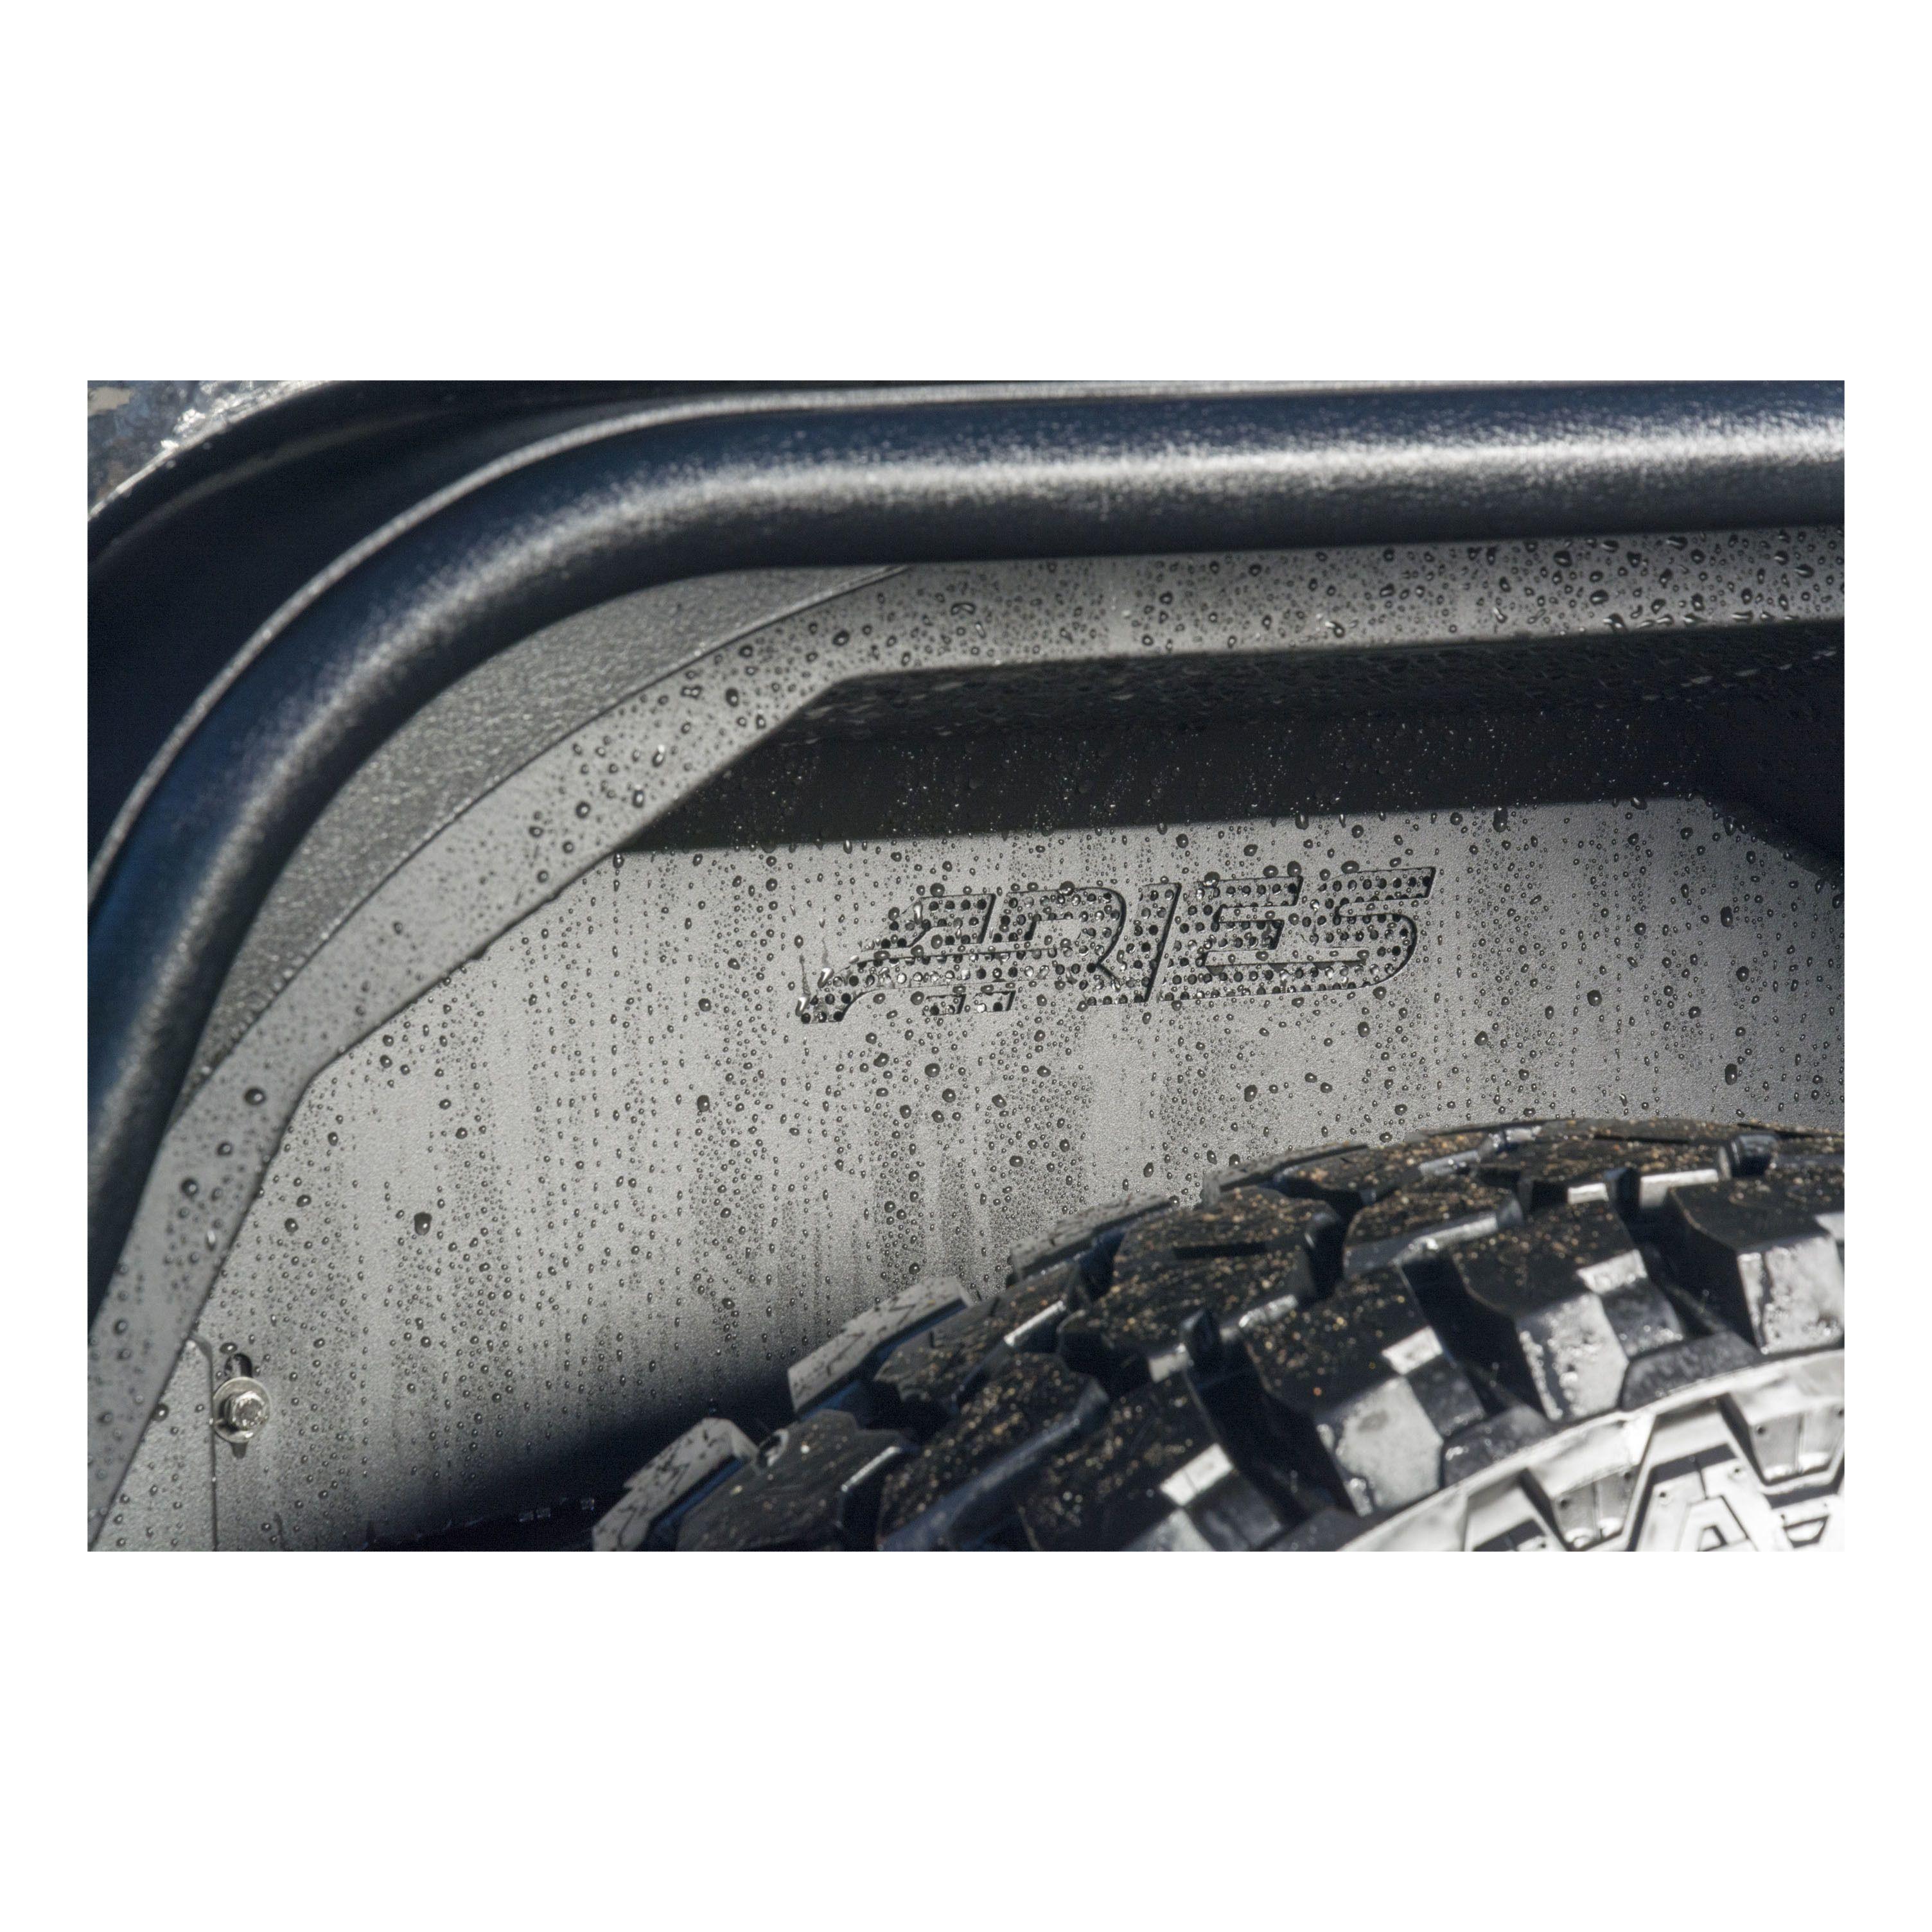 Aries Automotive Rear Inner Fender Liners In Black For 2007-18 Jeep Wrangler JK 2 Door & Unlimited 4 Door Models